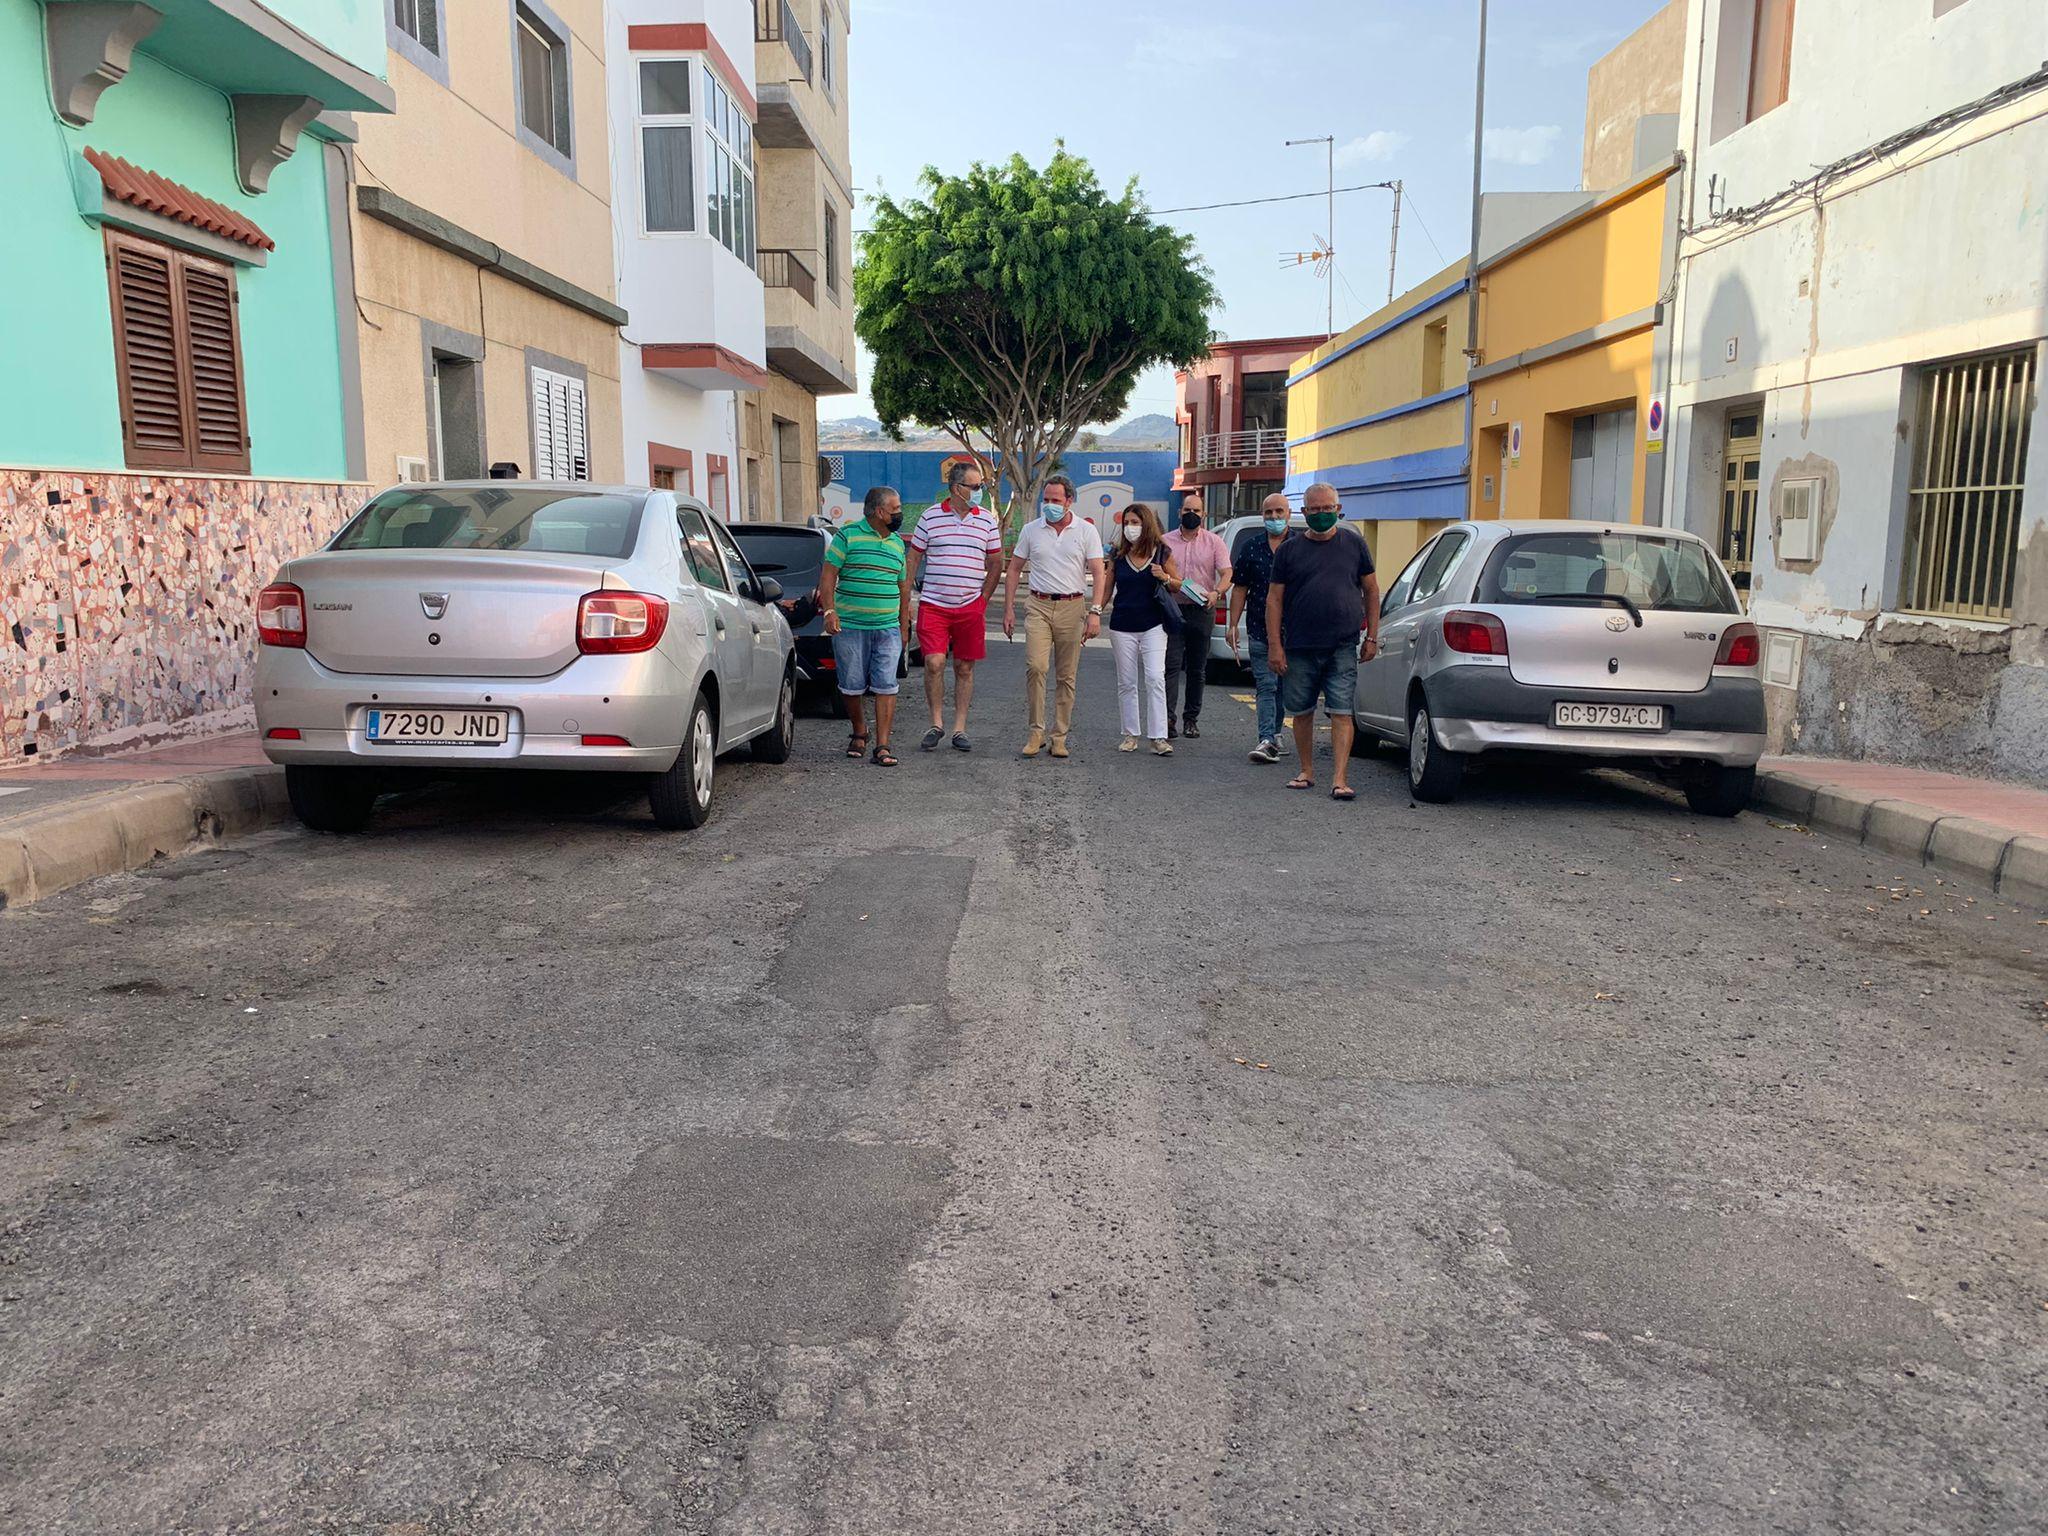 La alcaldesa de Telde visita barrio de El Ejido / CanariaNoticias.es